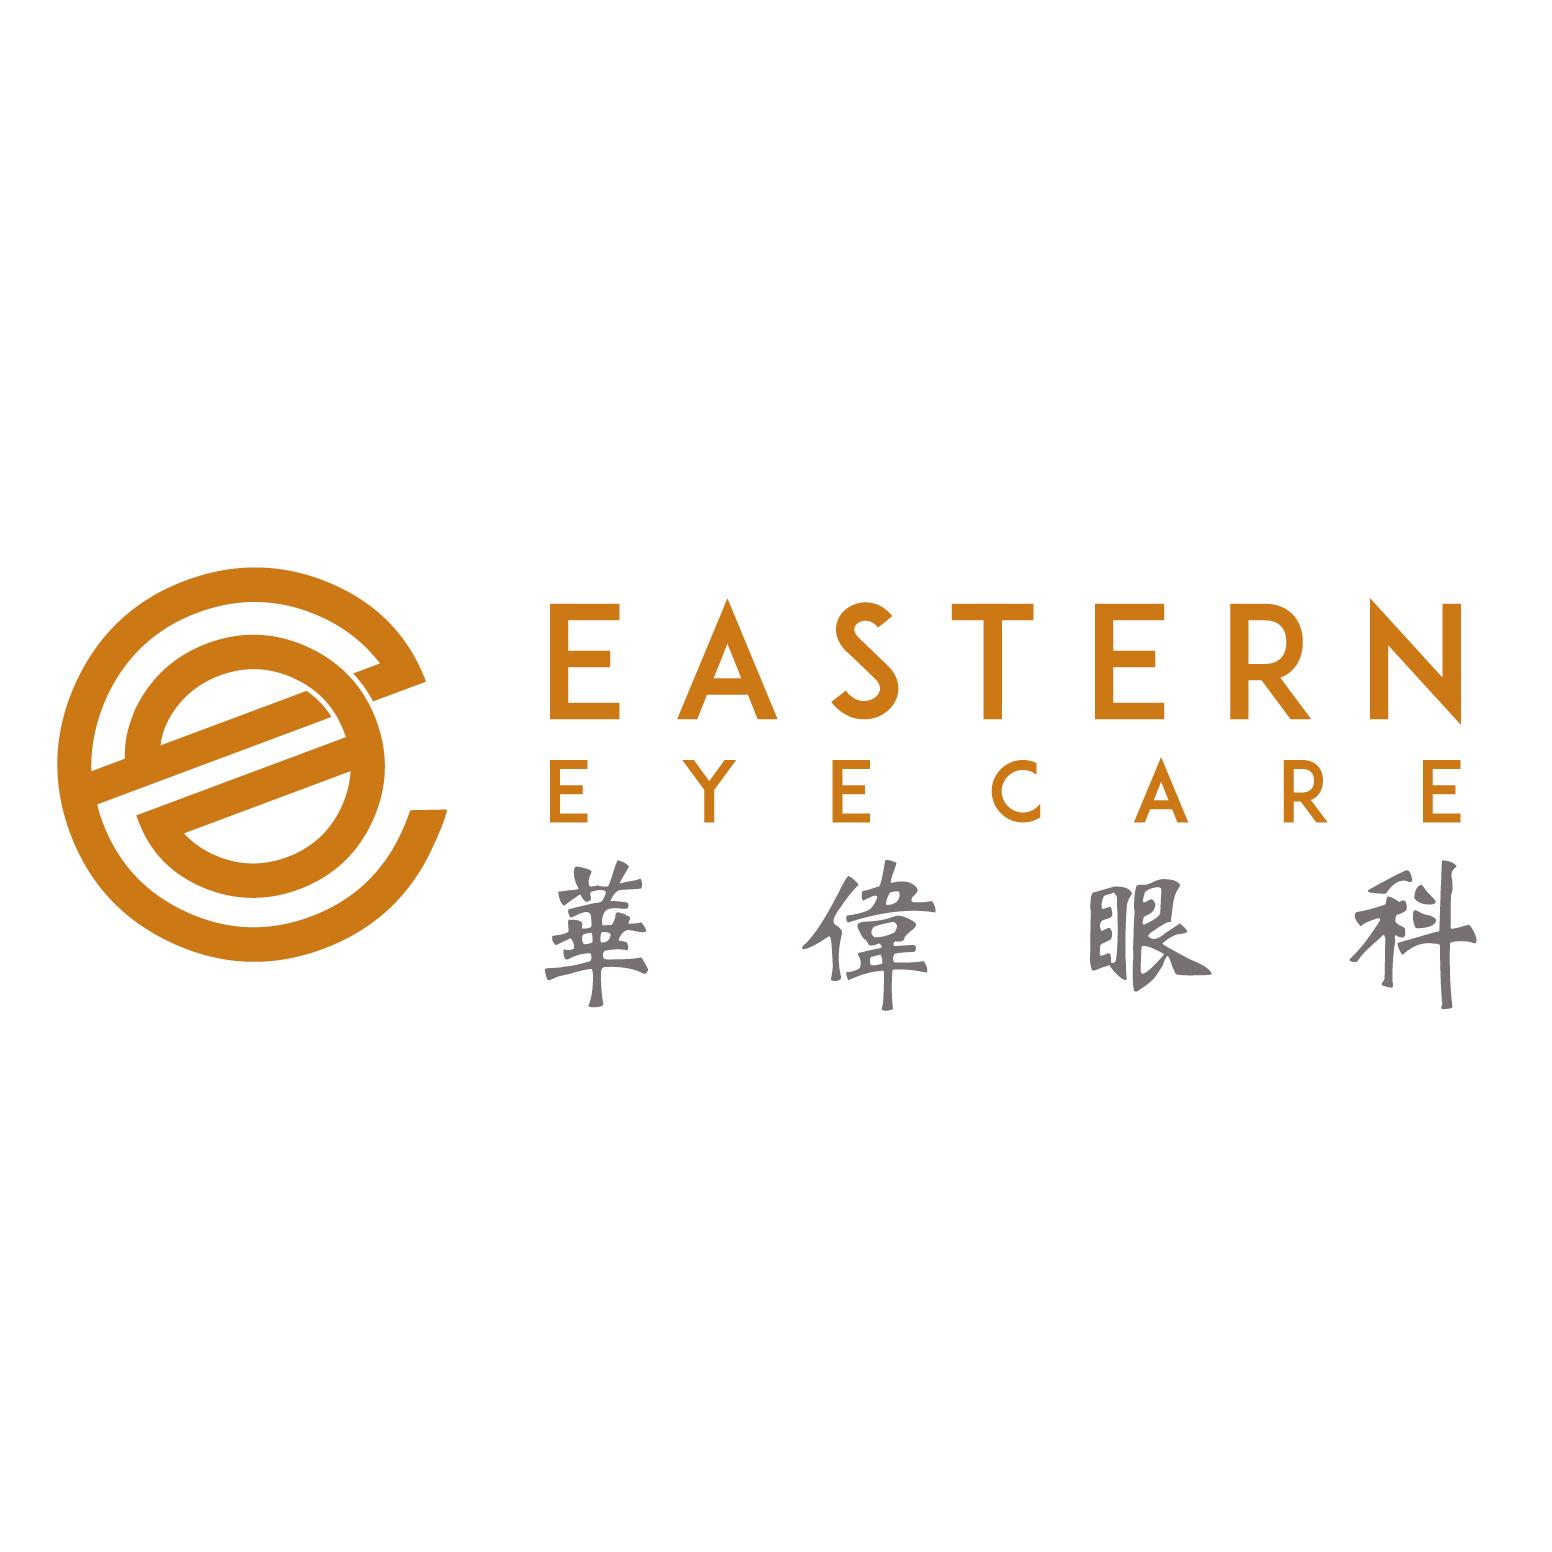 Eastern Eye Care